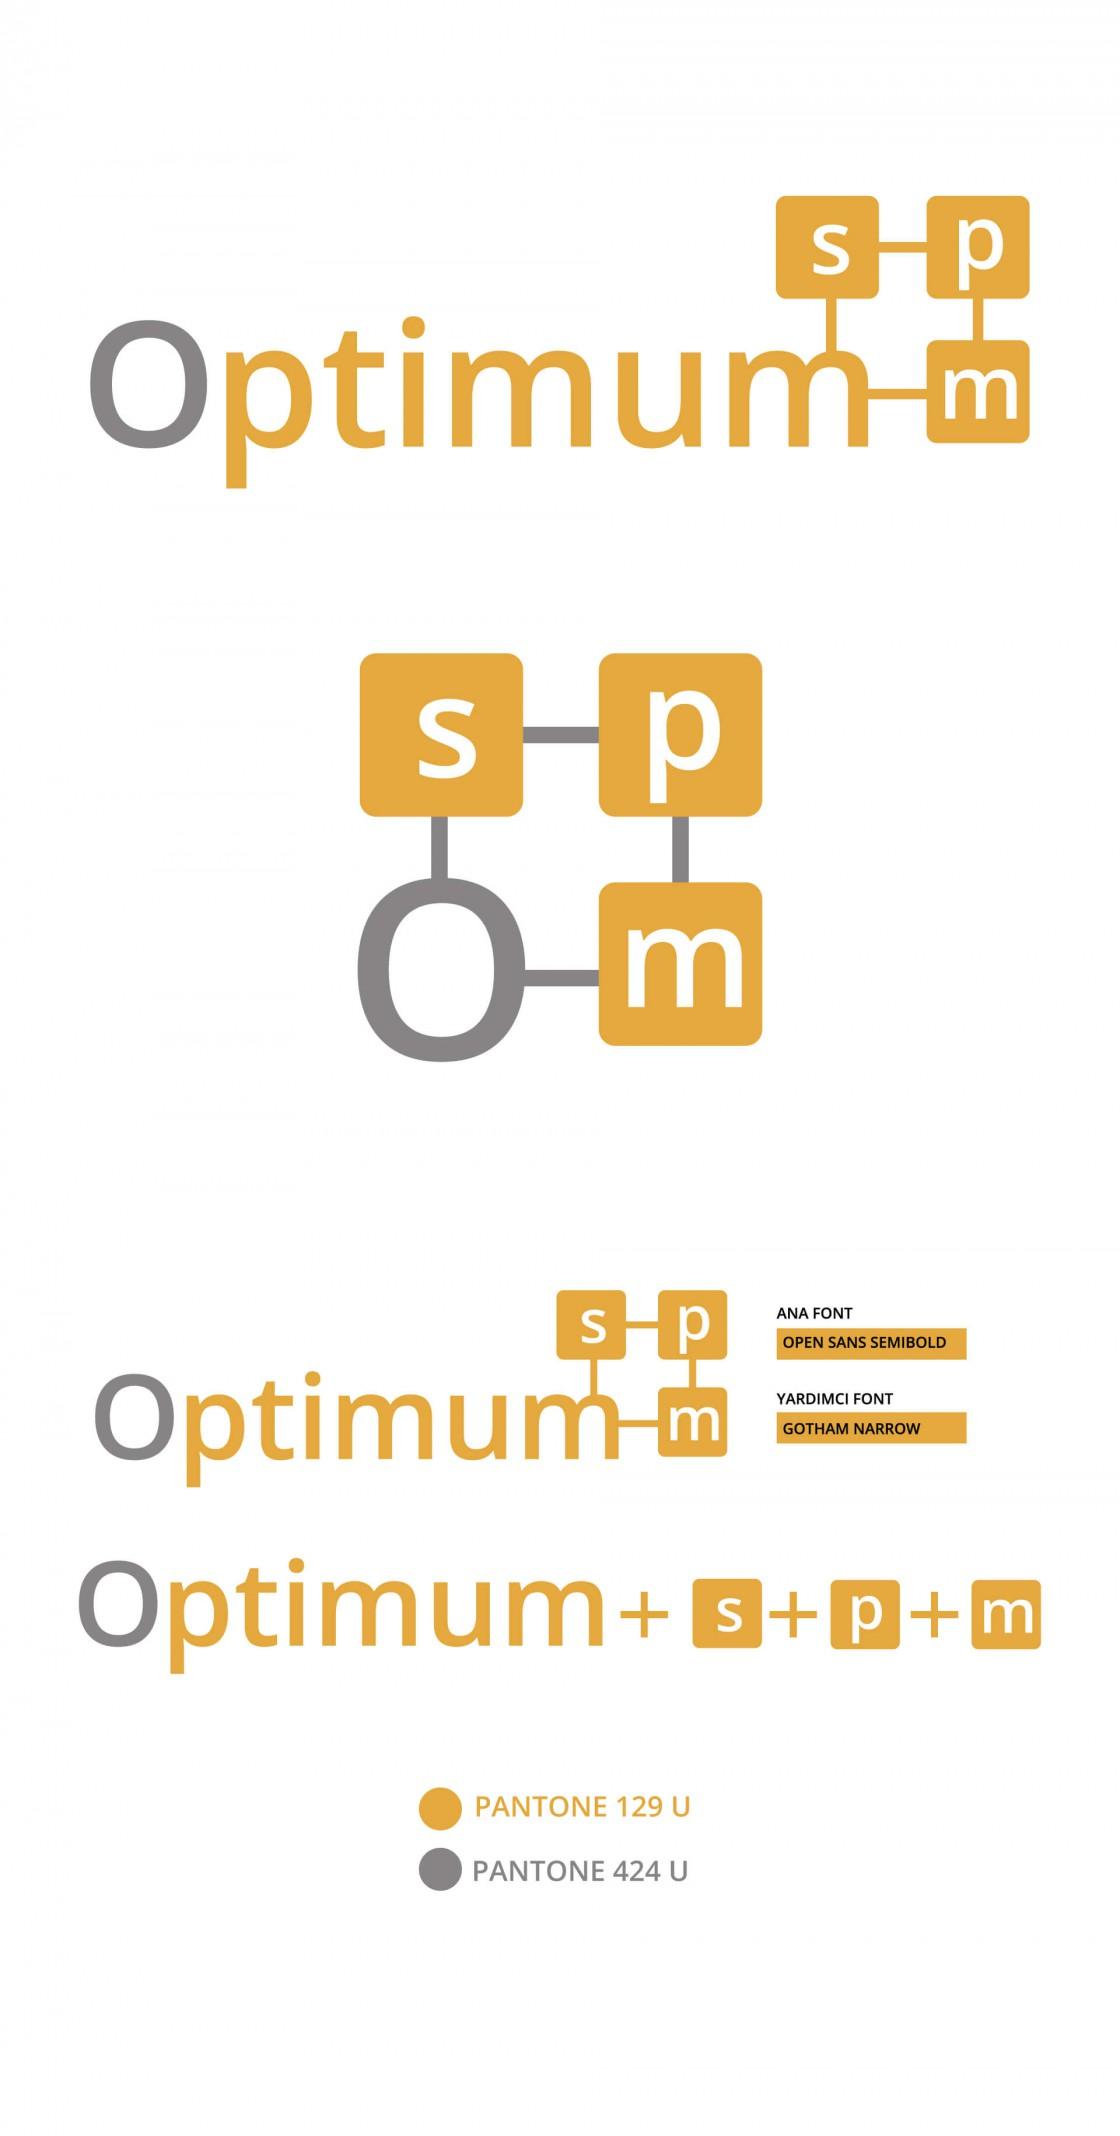 optimumspm_tasarim_1